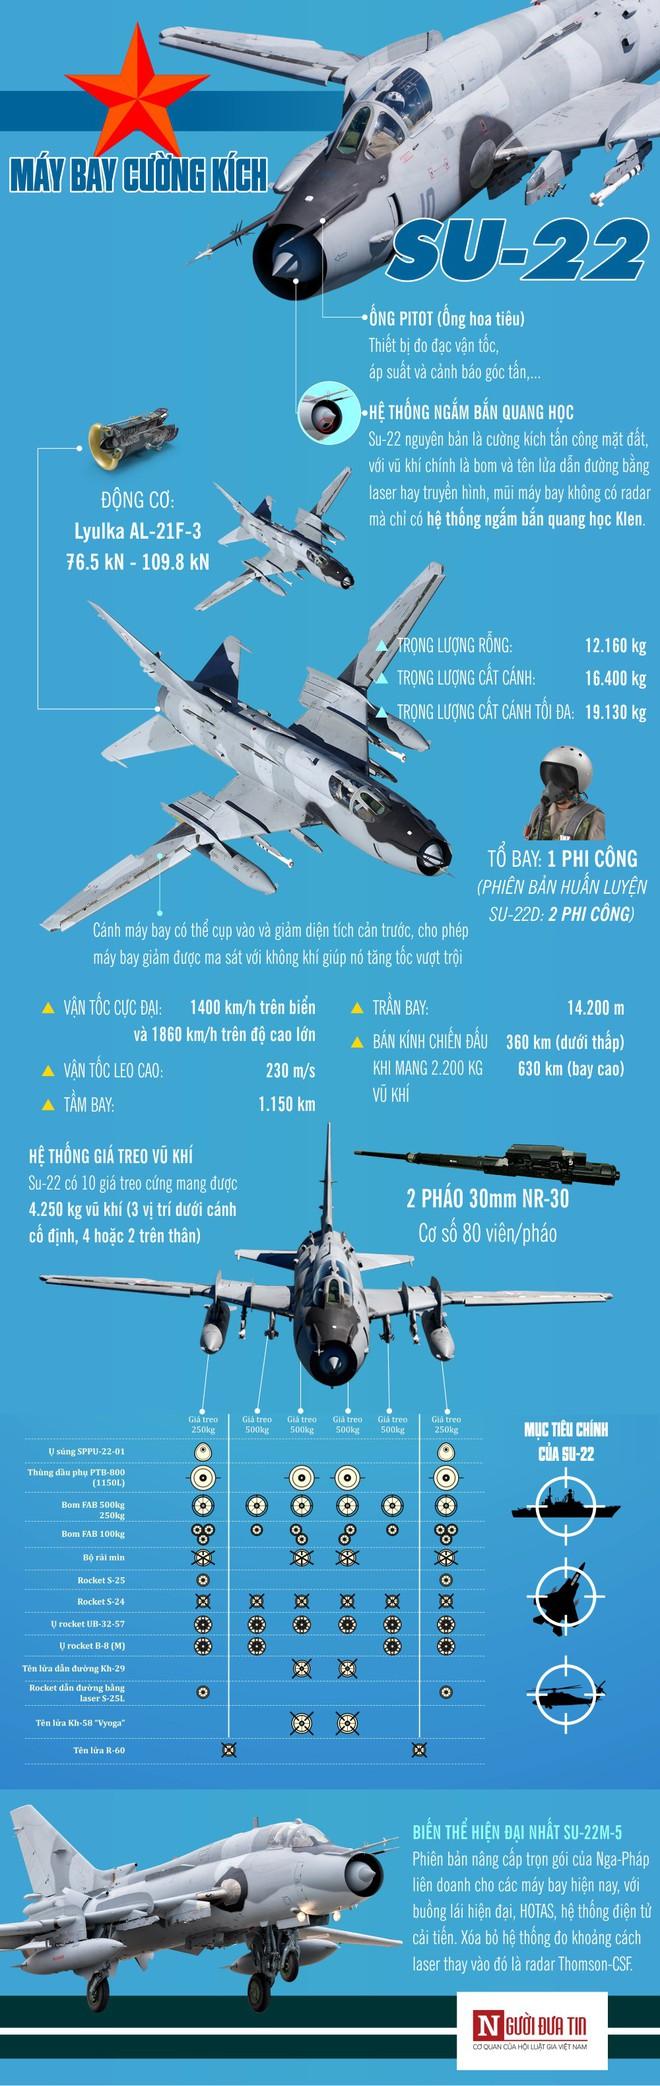 Sức mạnh của đôi cánh ma thuật Su-22 - Ảnh 1.